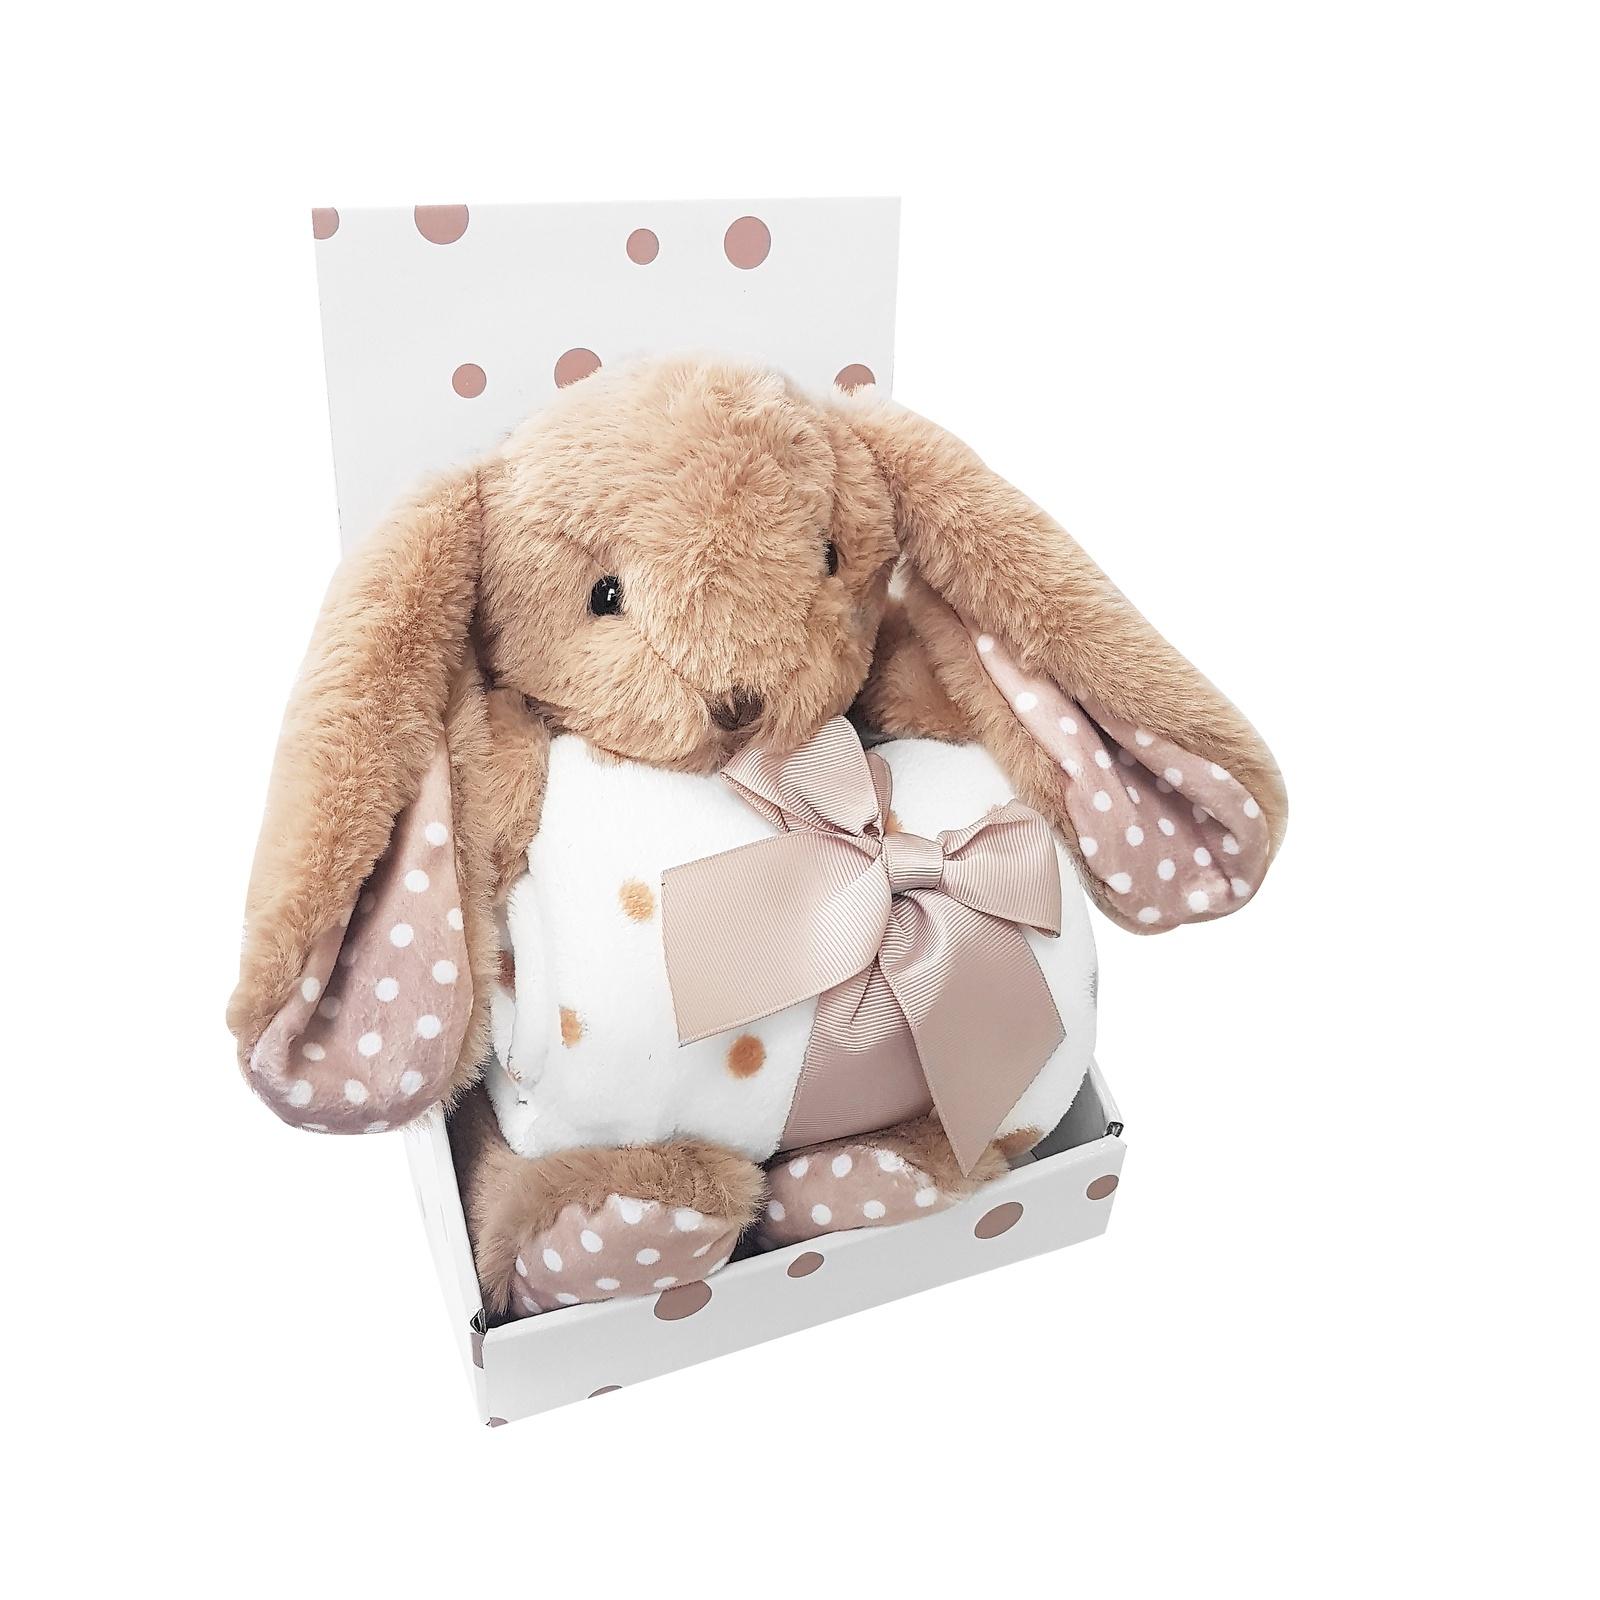 Мягкая игрушка UVITON Набор Детский плед и игрушка шоколадный